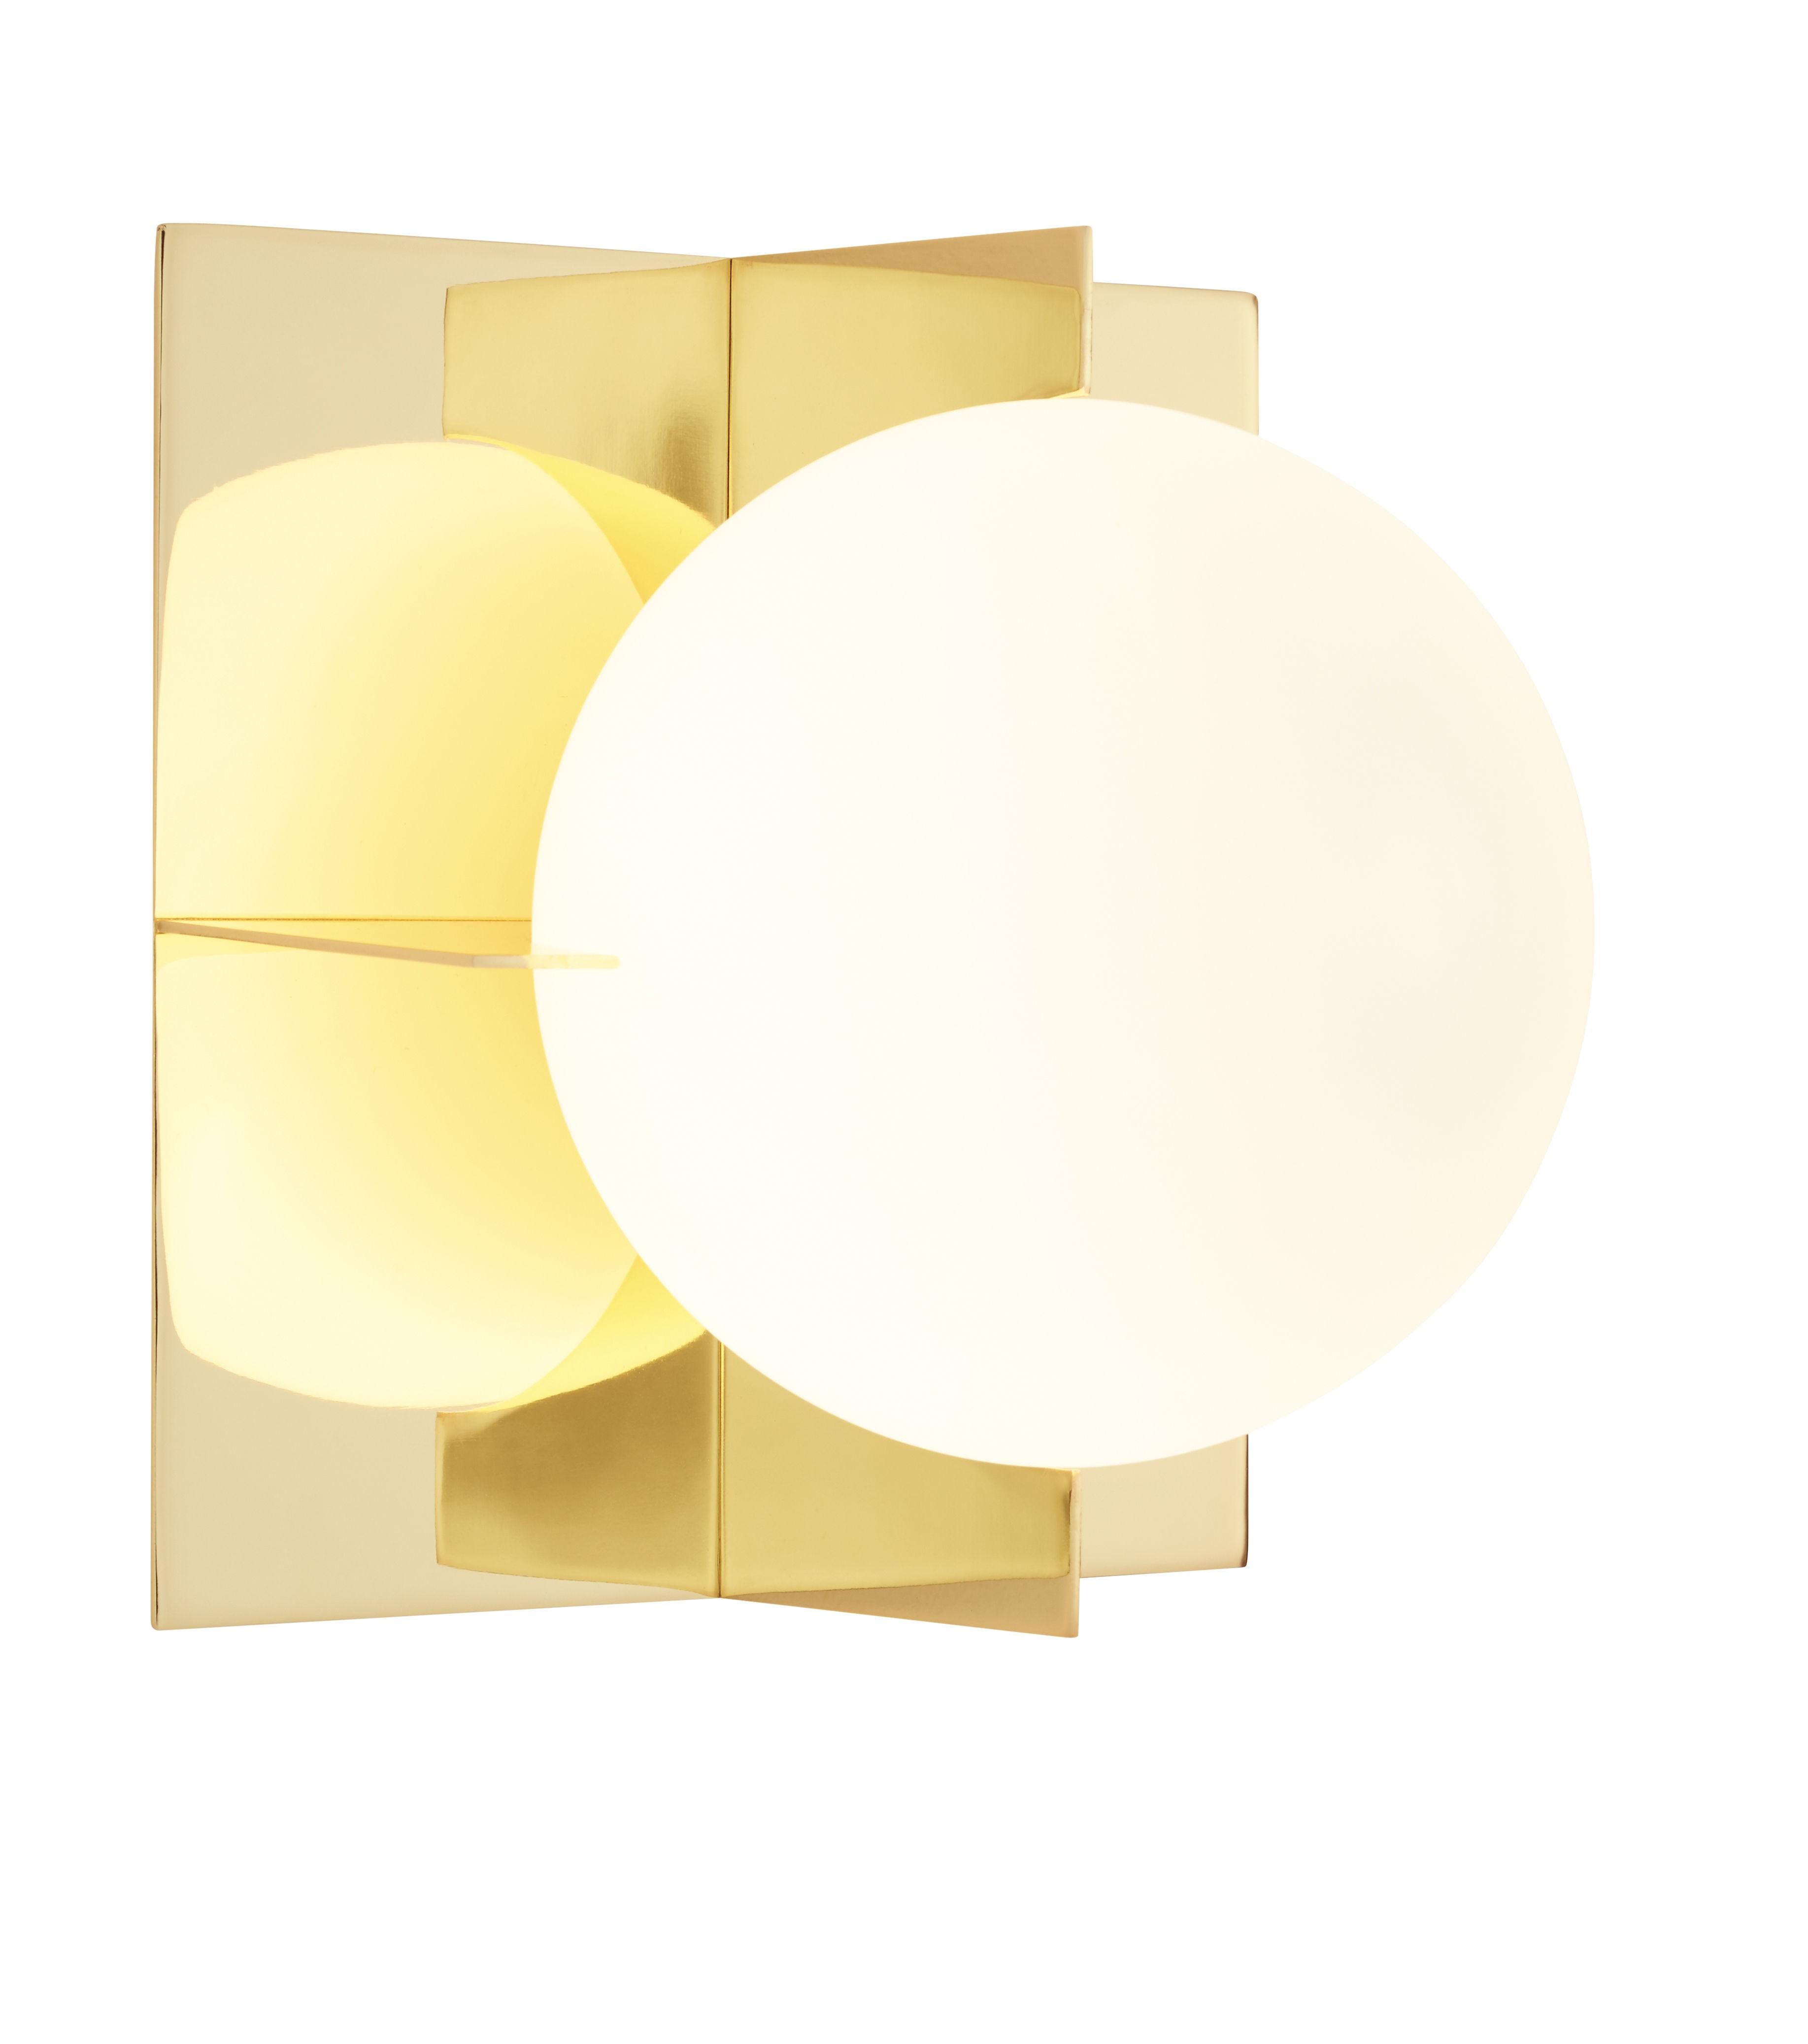 Luminaire - Appliques - Applique Plane - Tom Dixon - Laiton poli / Sphère blanche - Acier plaqué laiton, Verre